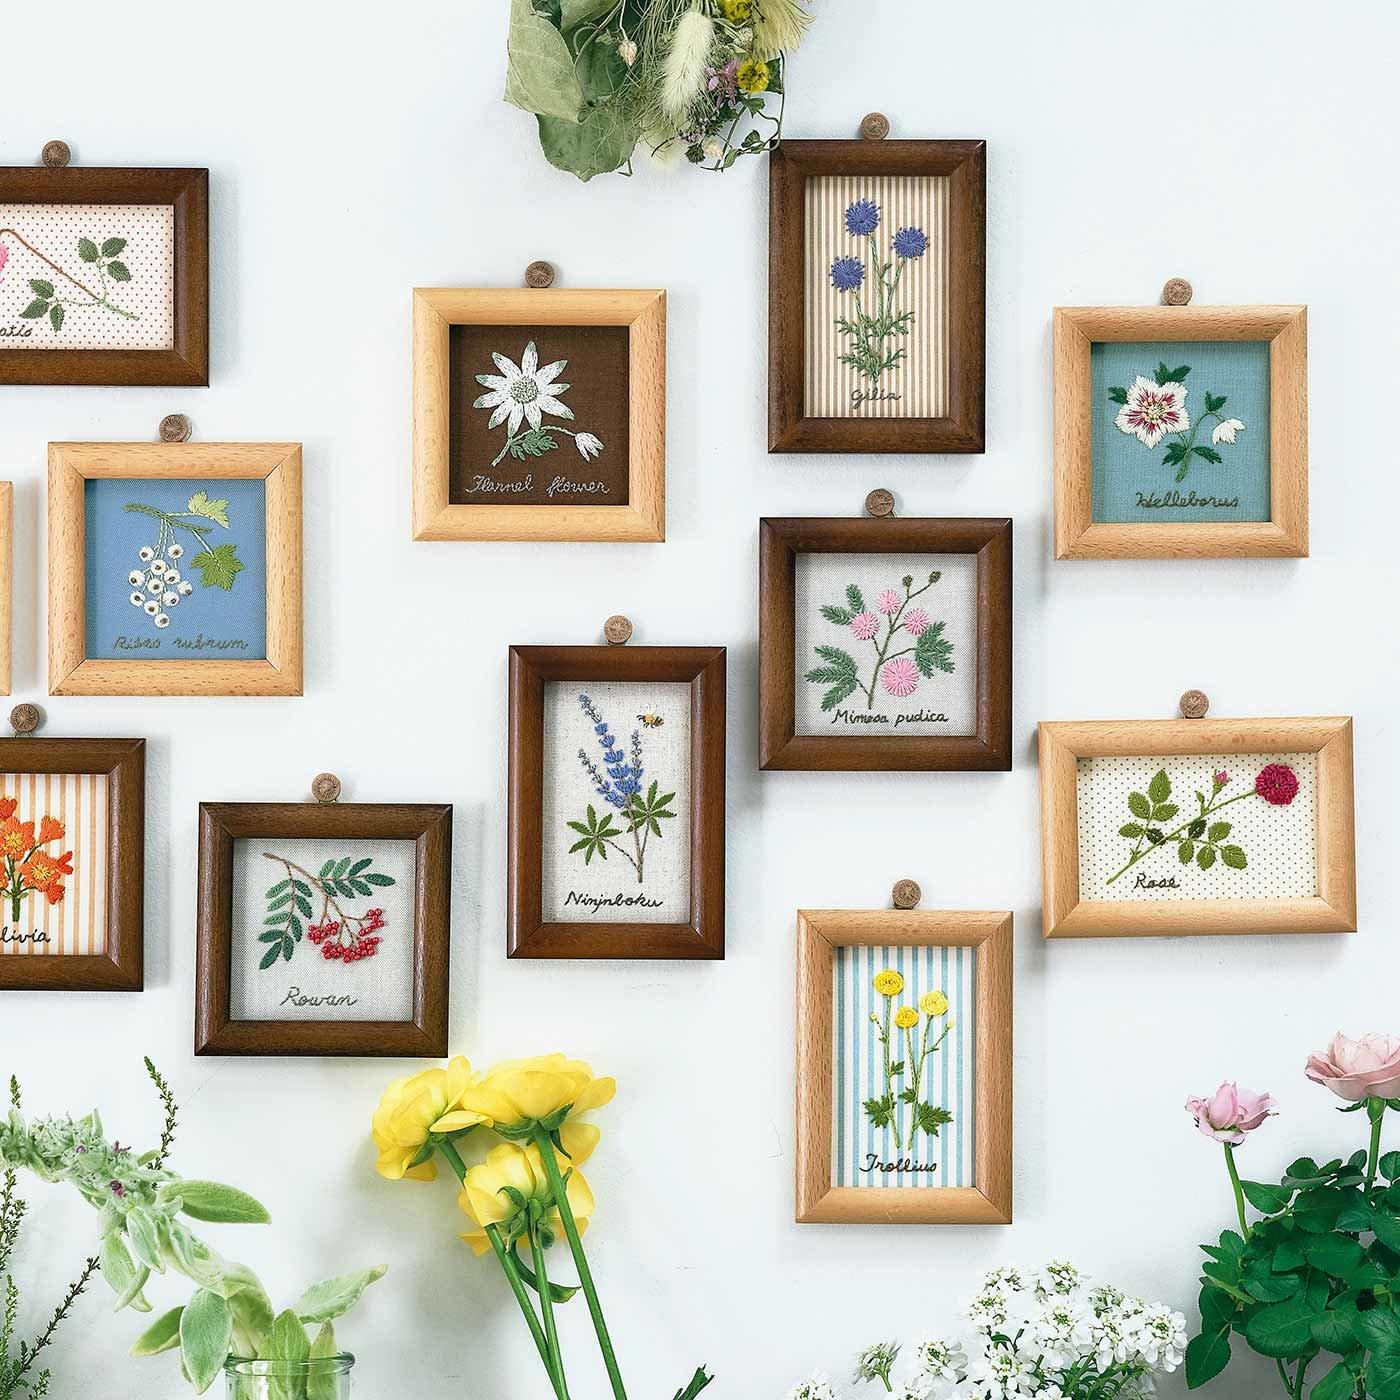 【3回エントリー】摘みたてを集めた 花と木の実のサンプラー刺しゅうフレームの会